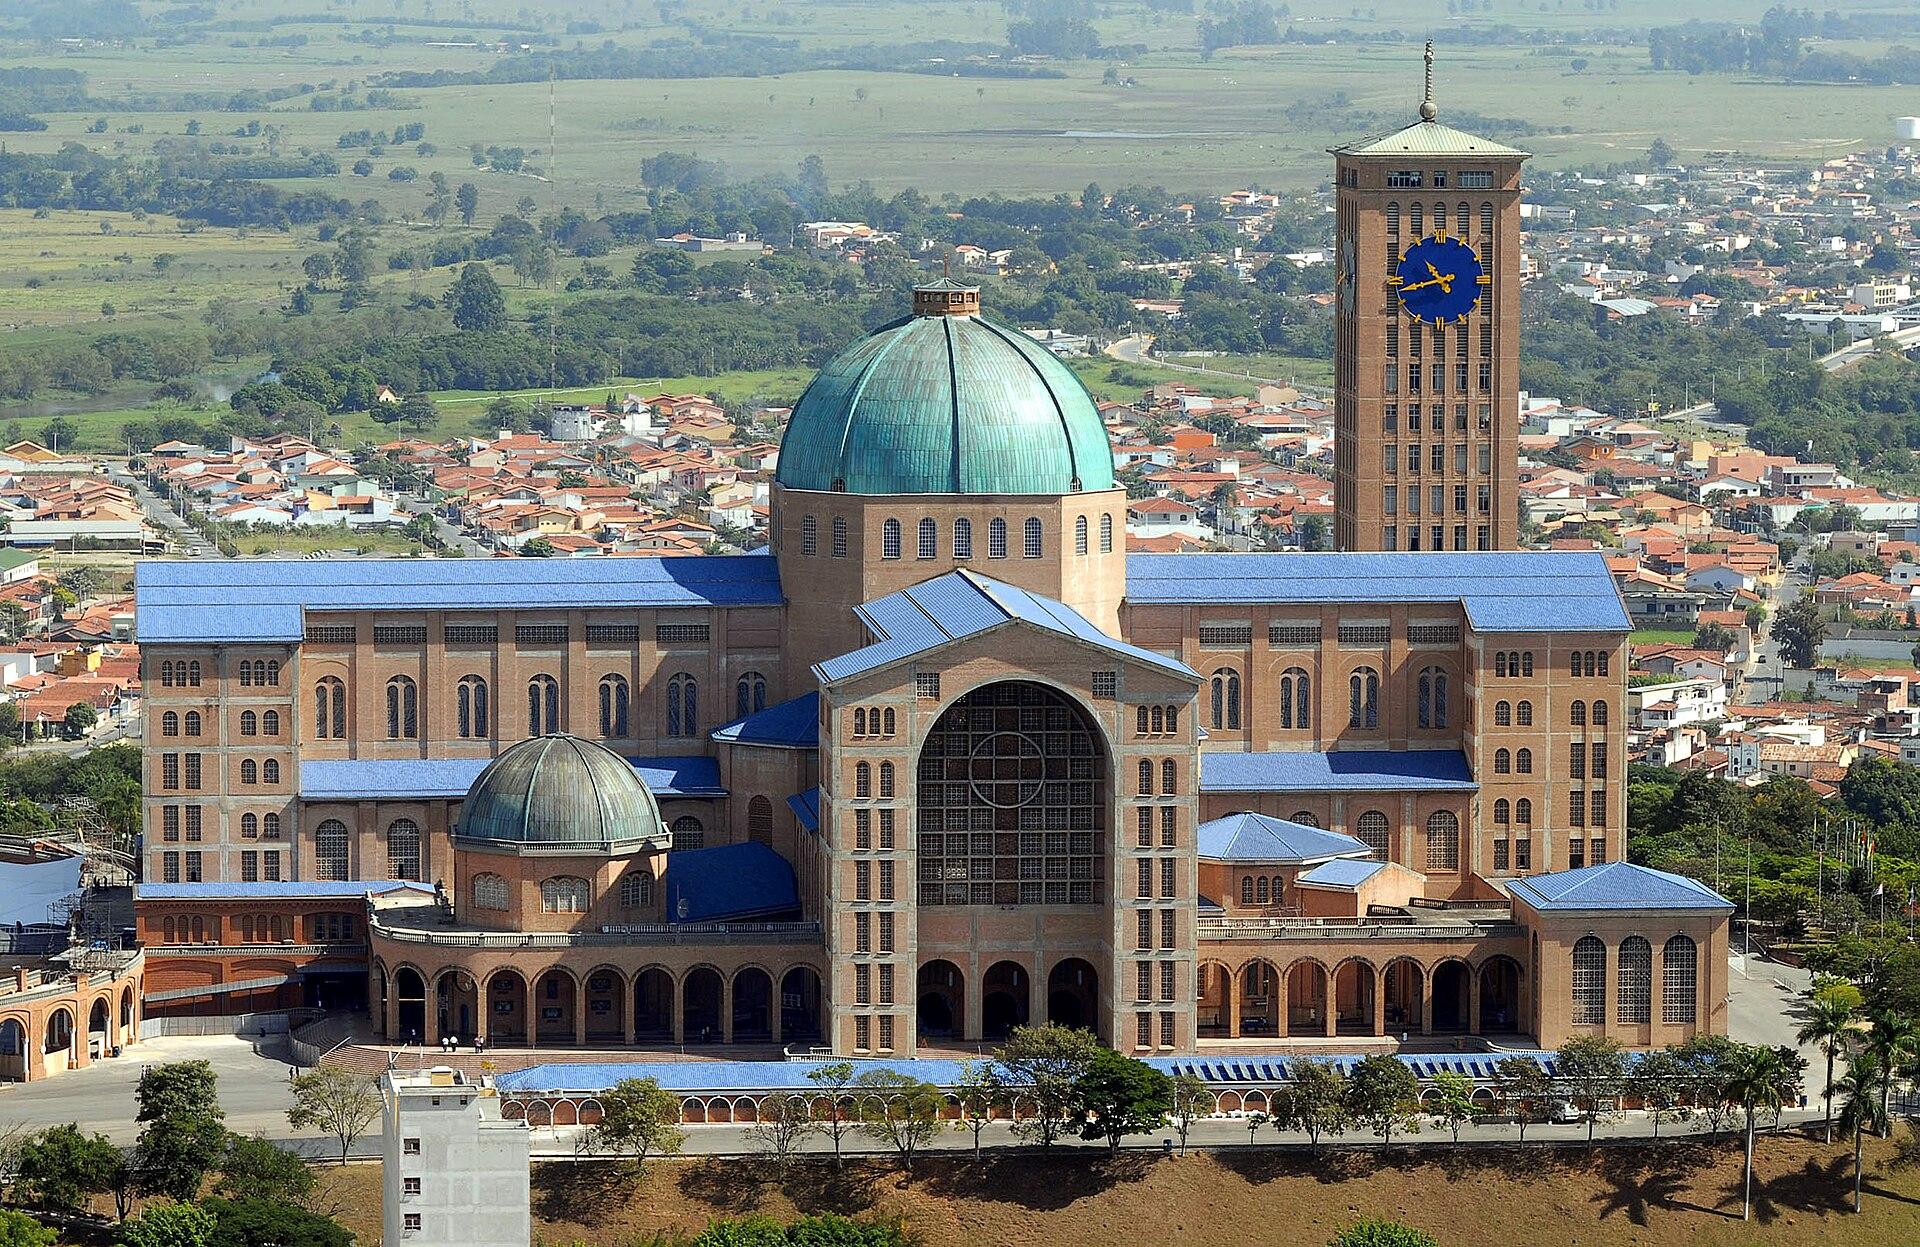 Educando Com Arte Nossa Senhora Da ConceiÇÃo Aparecida: Basilica Of The National Shrine Of Our Lady Of Aparecida